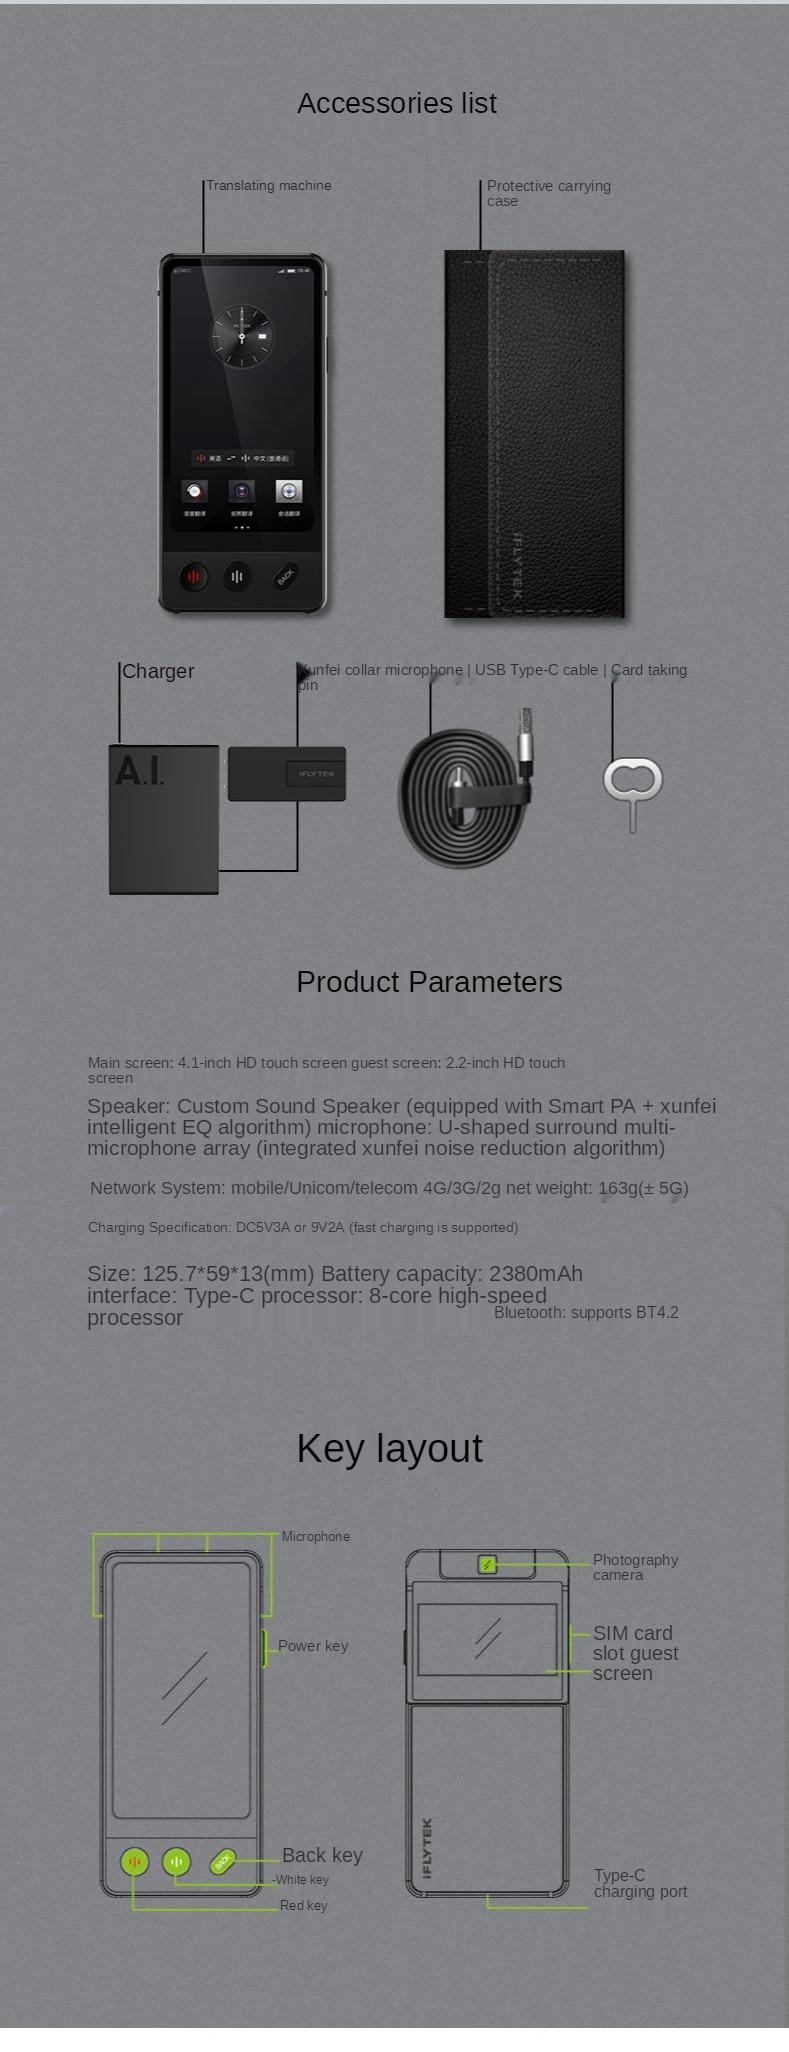 Hecc357ccaf804180aa95a0d9add13de45.jpeg (789×2052)